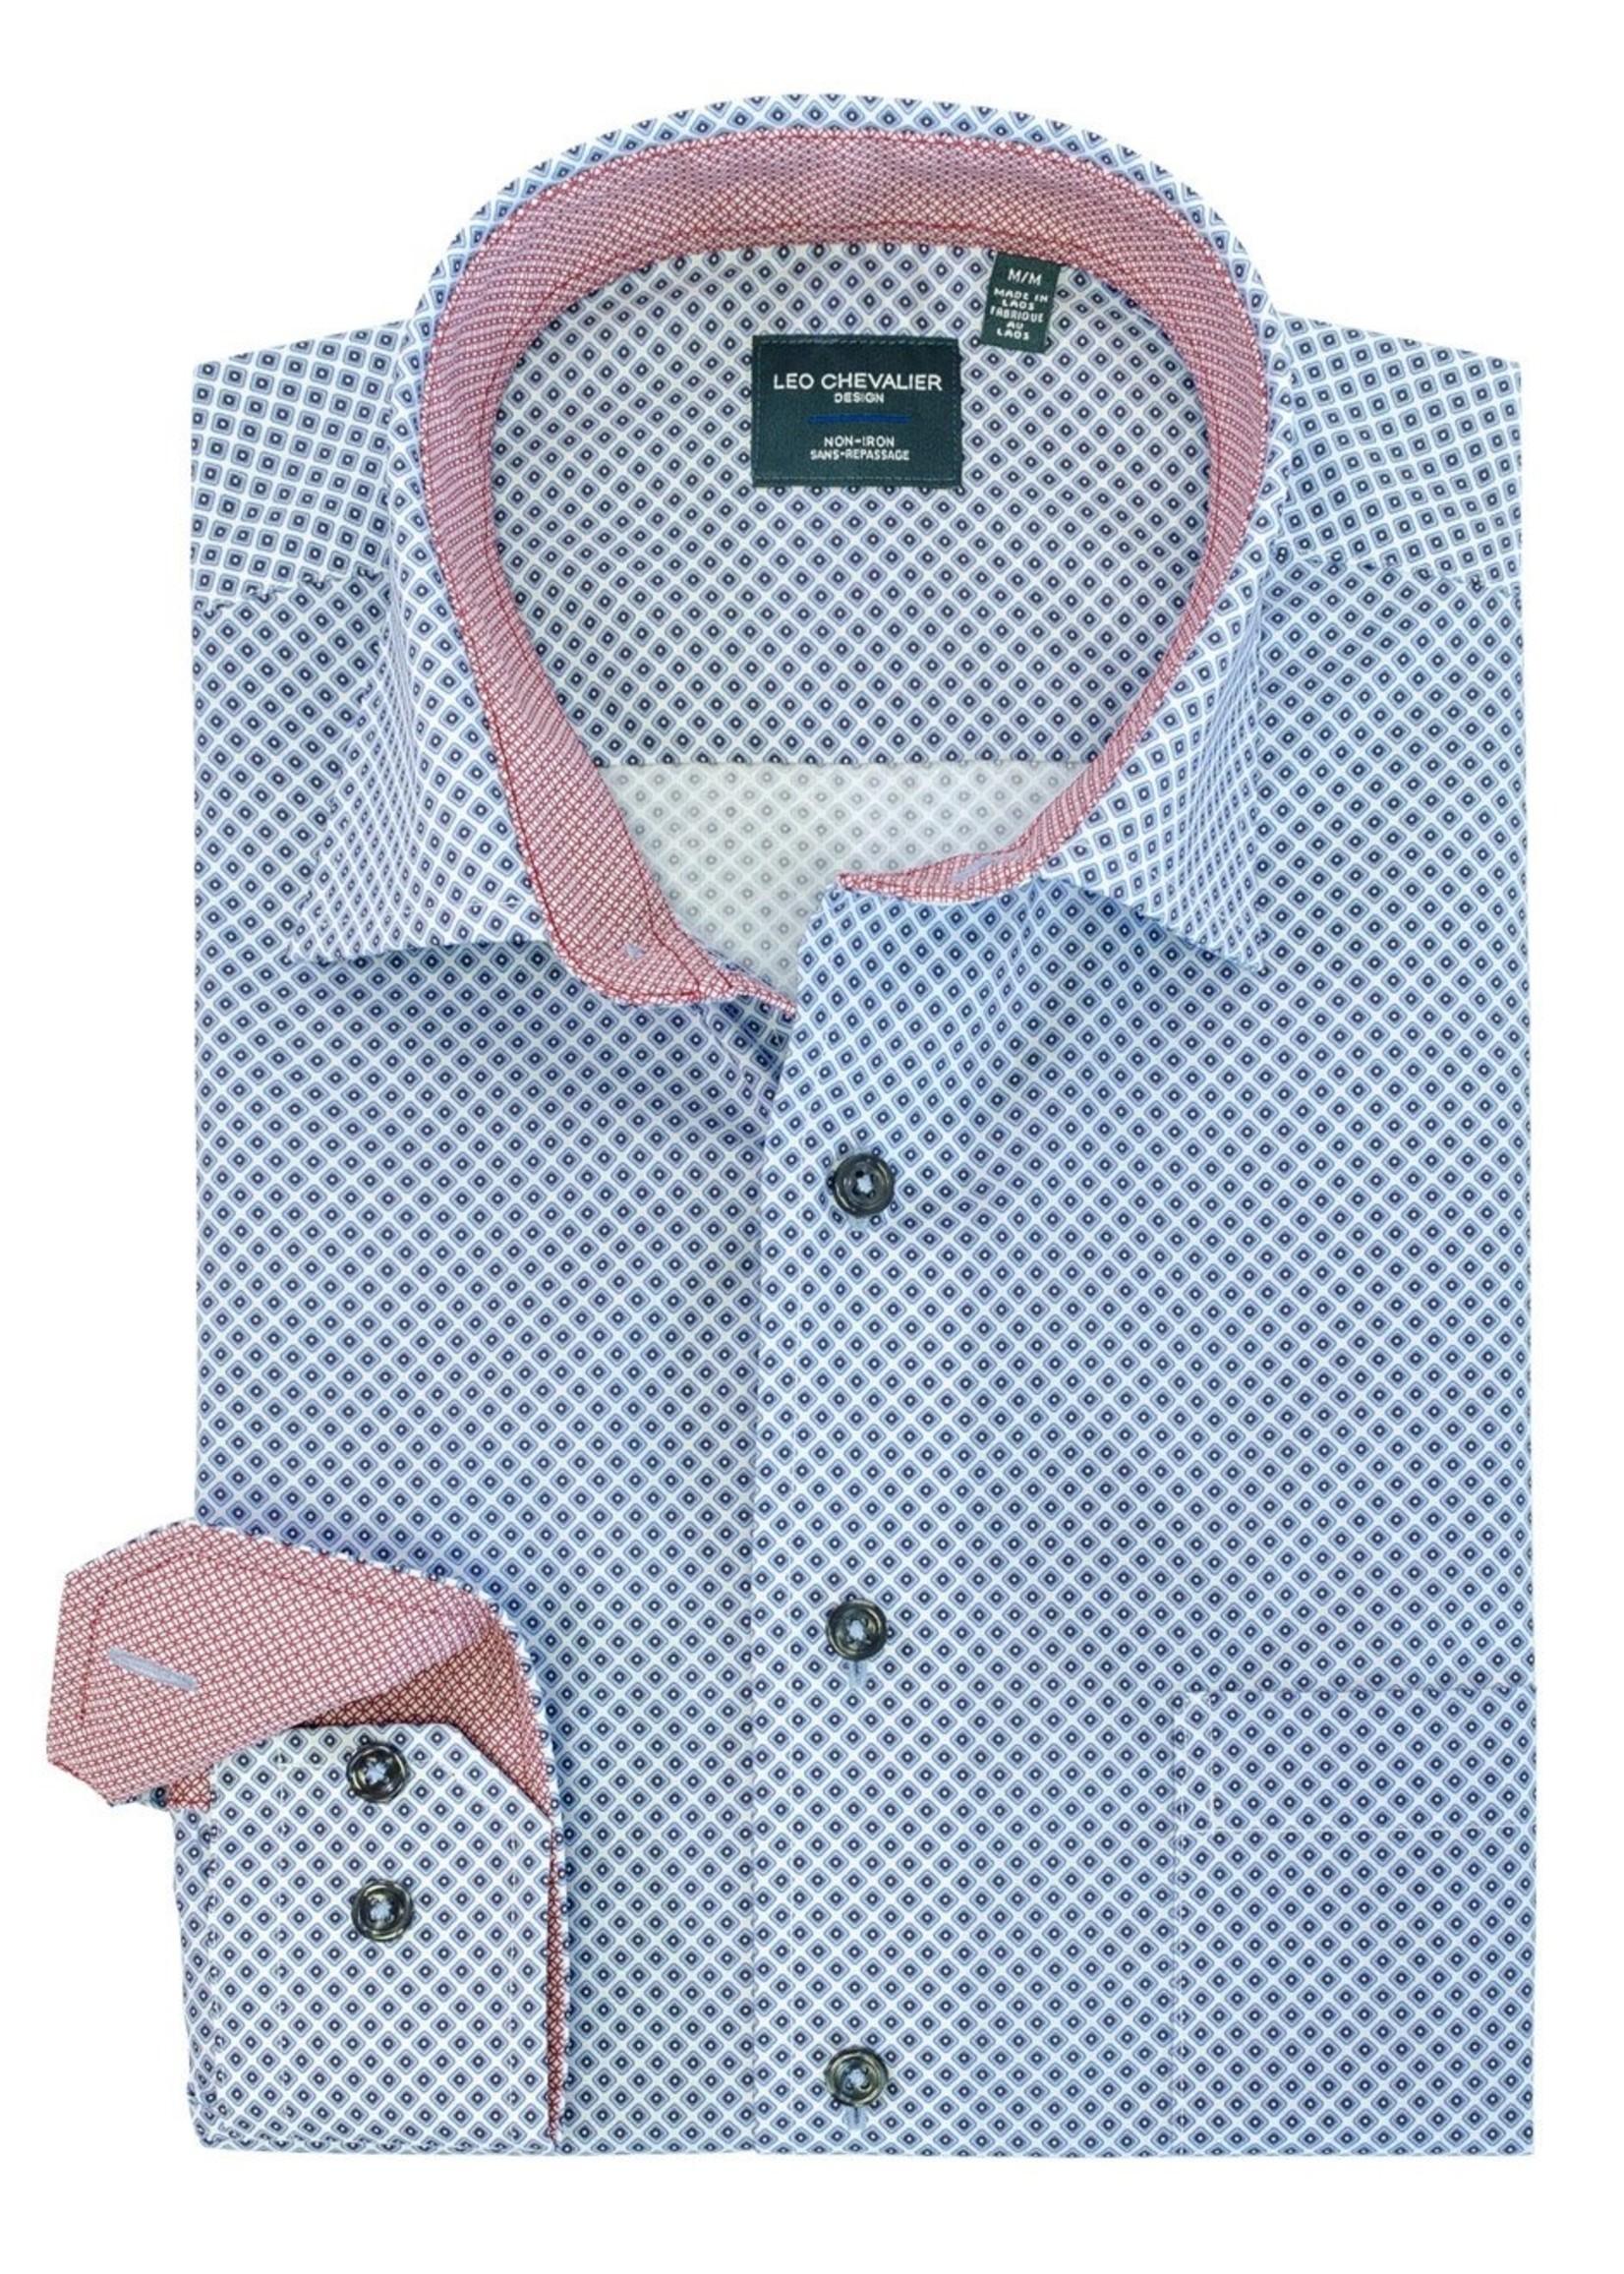 Leo Chevalier 525452 Leo Chevalier Dress Shirt